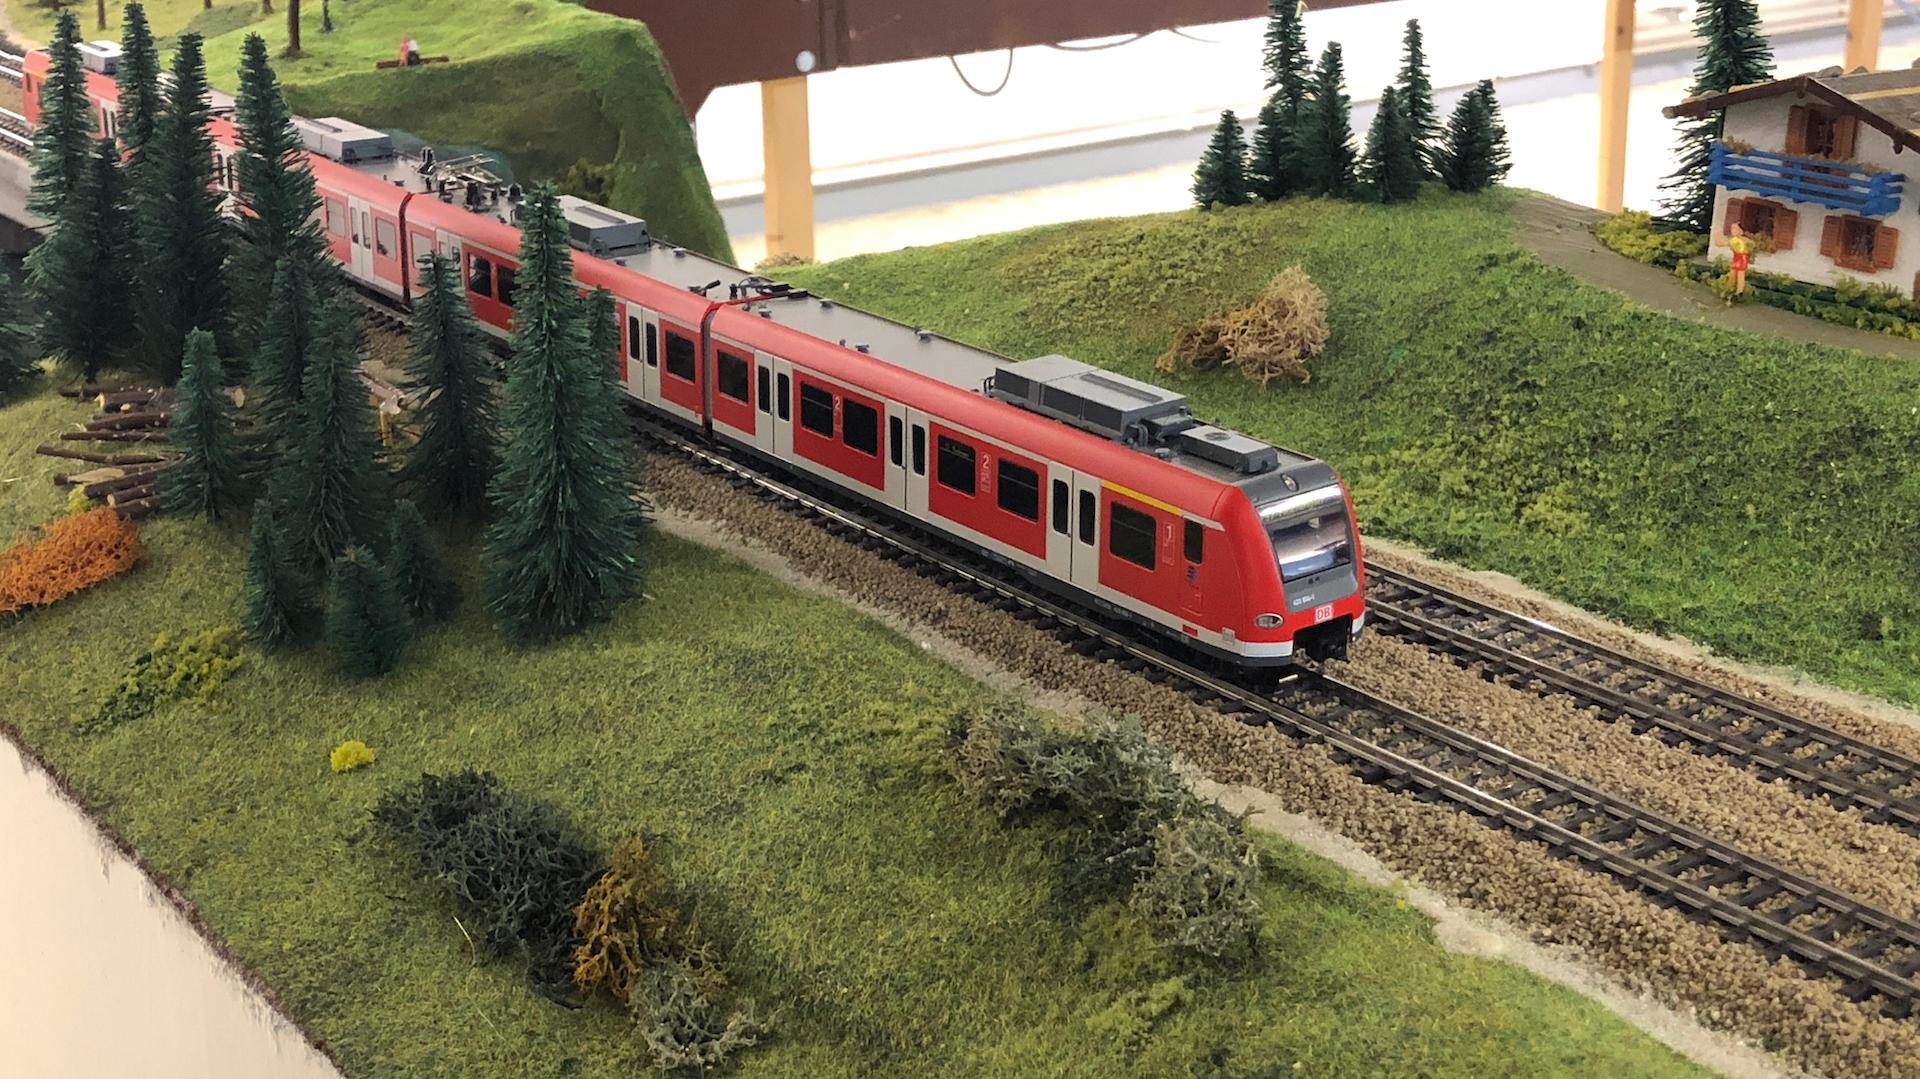 18_01_06_Besuch-Eisenbahnausstellung-Springe_006